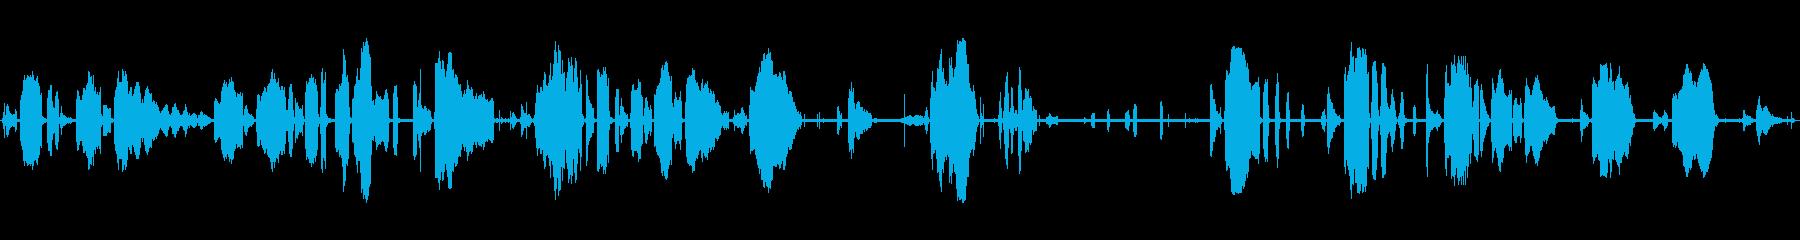 幼児泣きの再生済みの波形